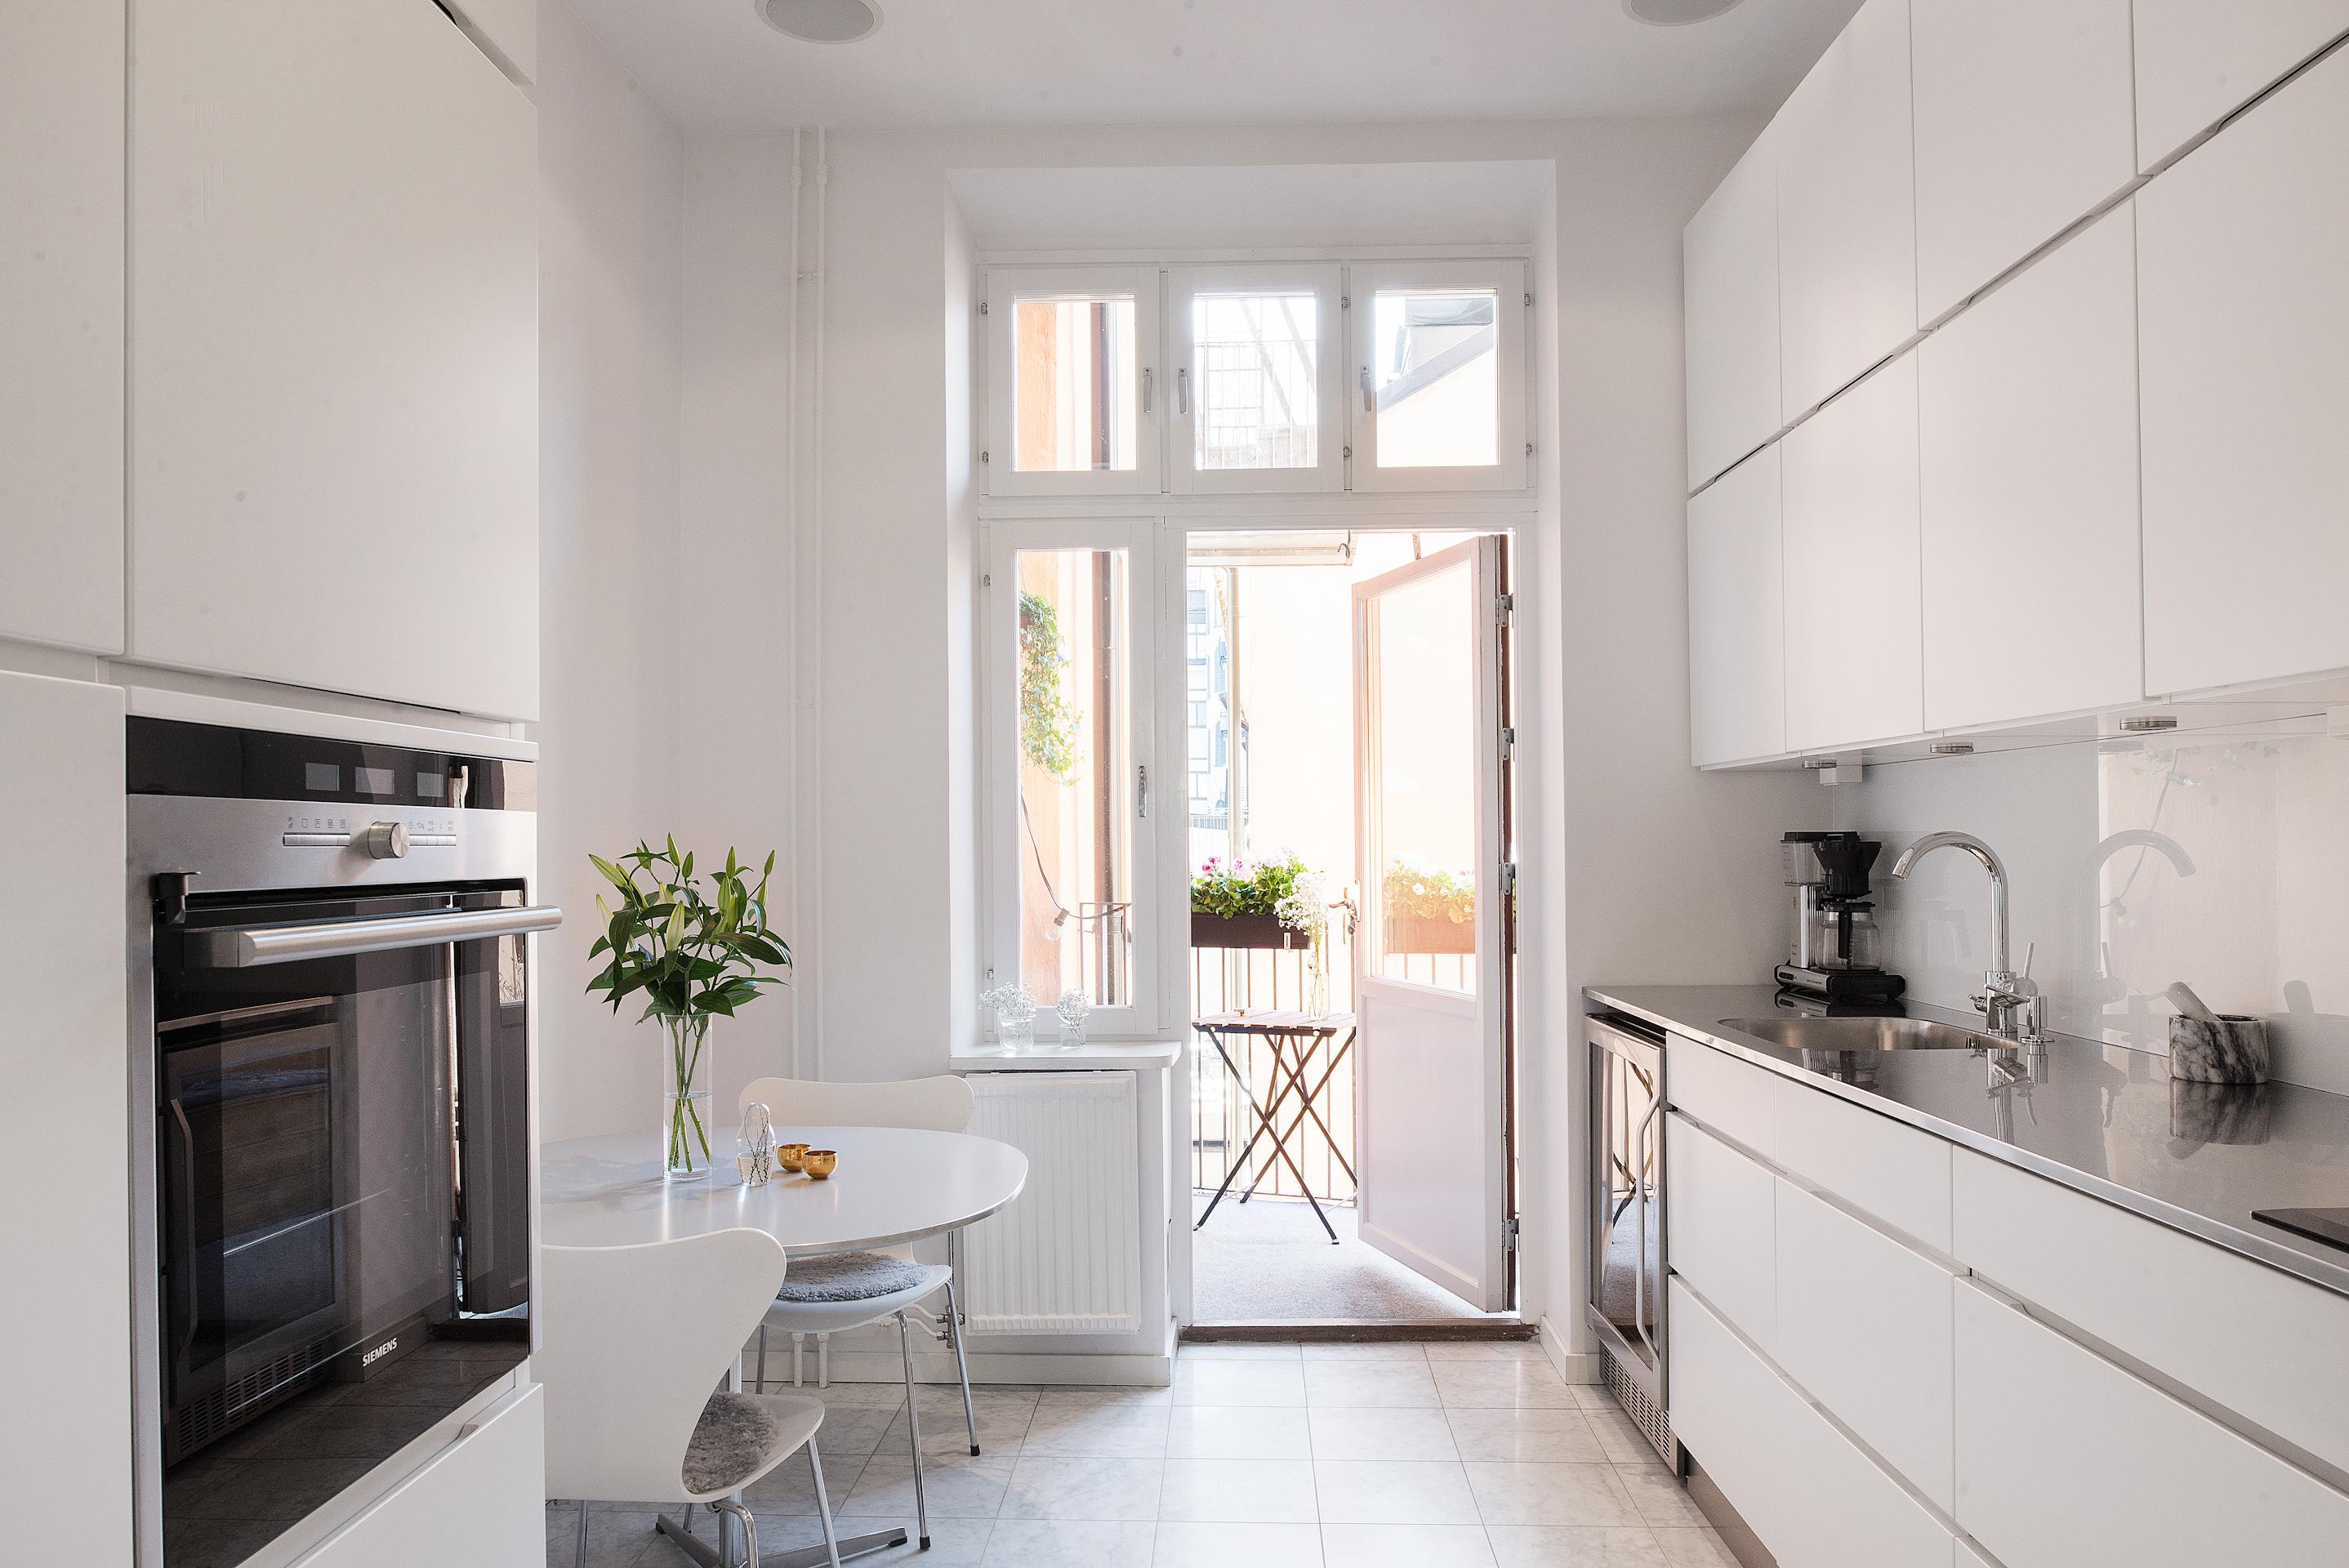 Piso elegante y moderno con elementos originales blog - Fotos pisos modernos ...